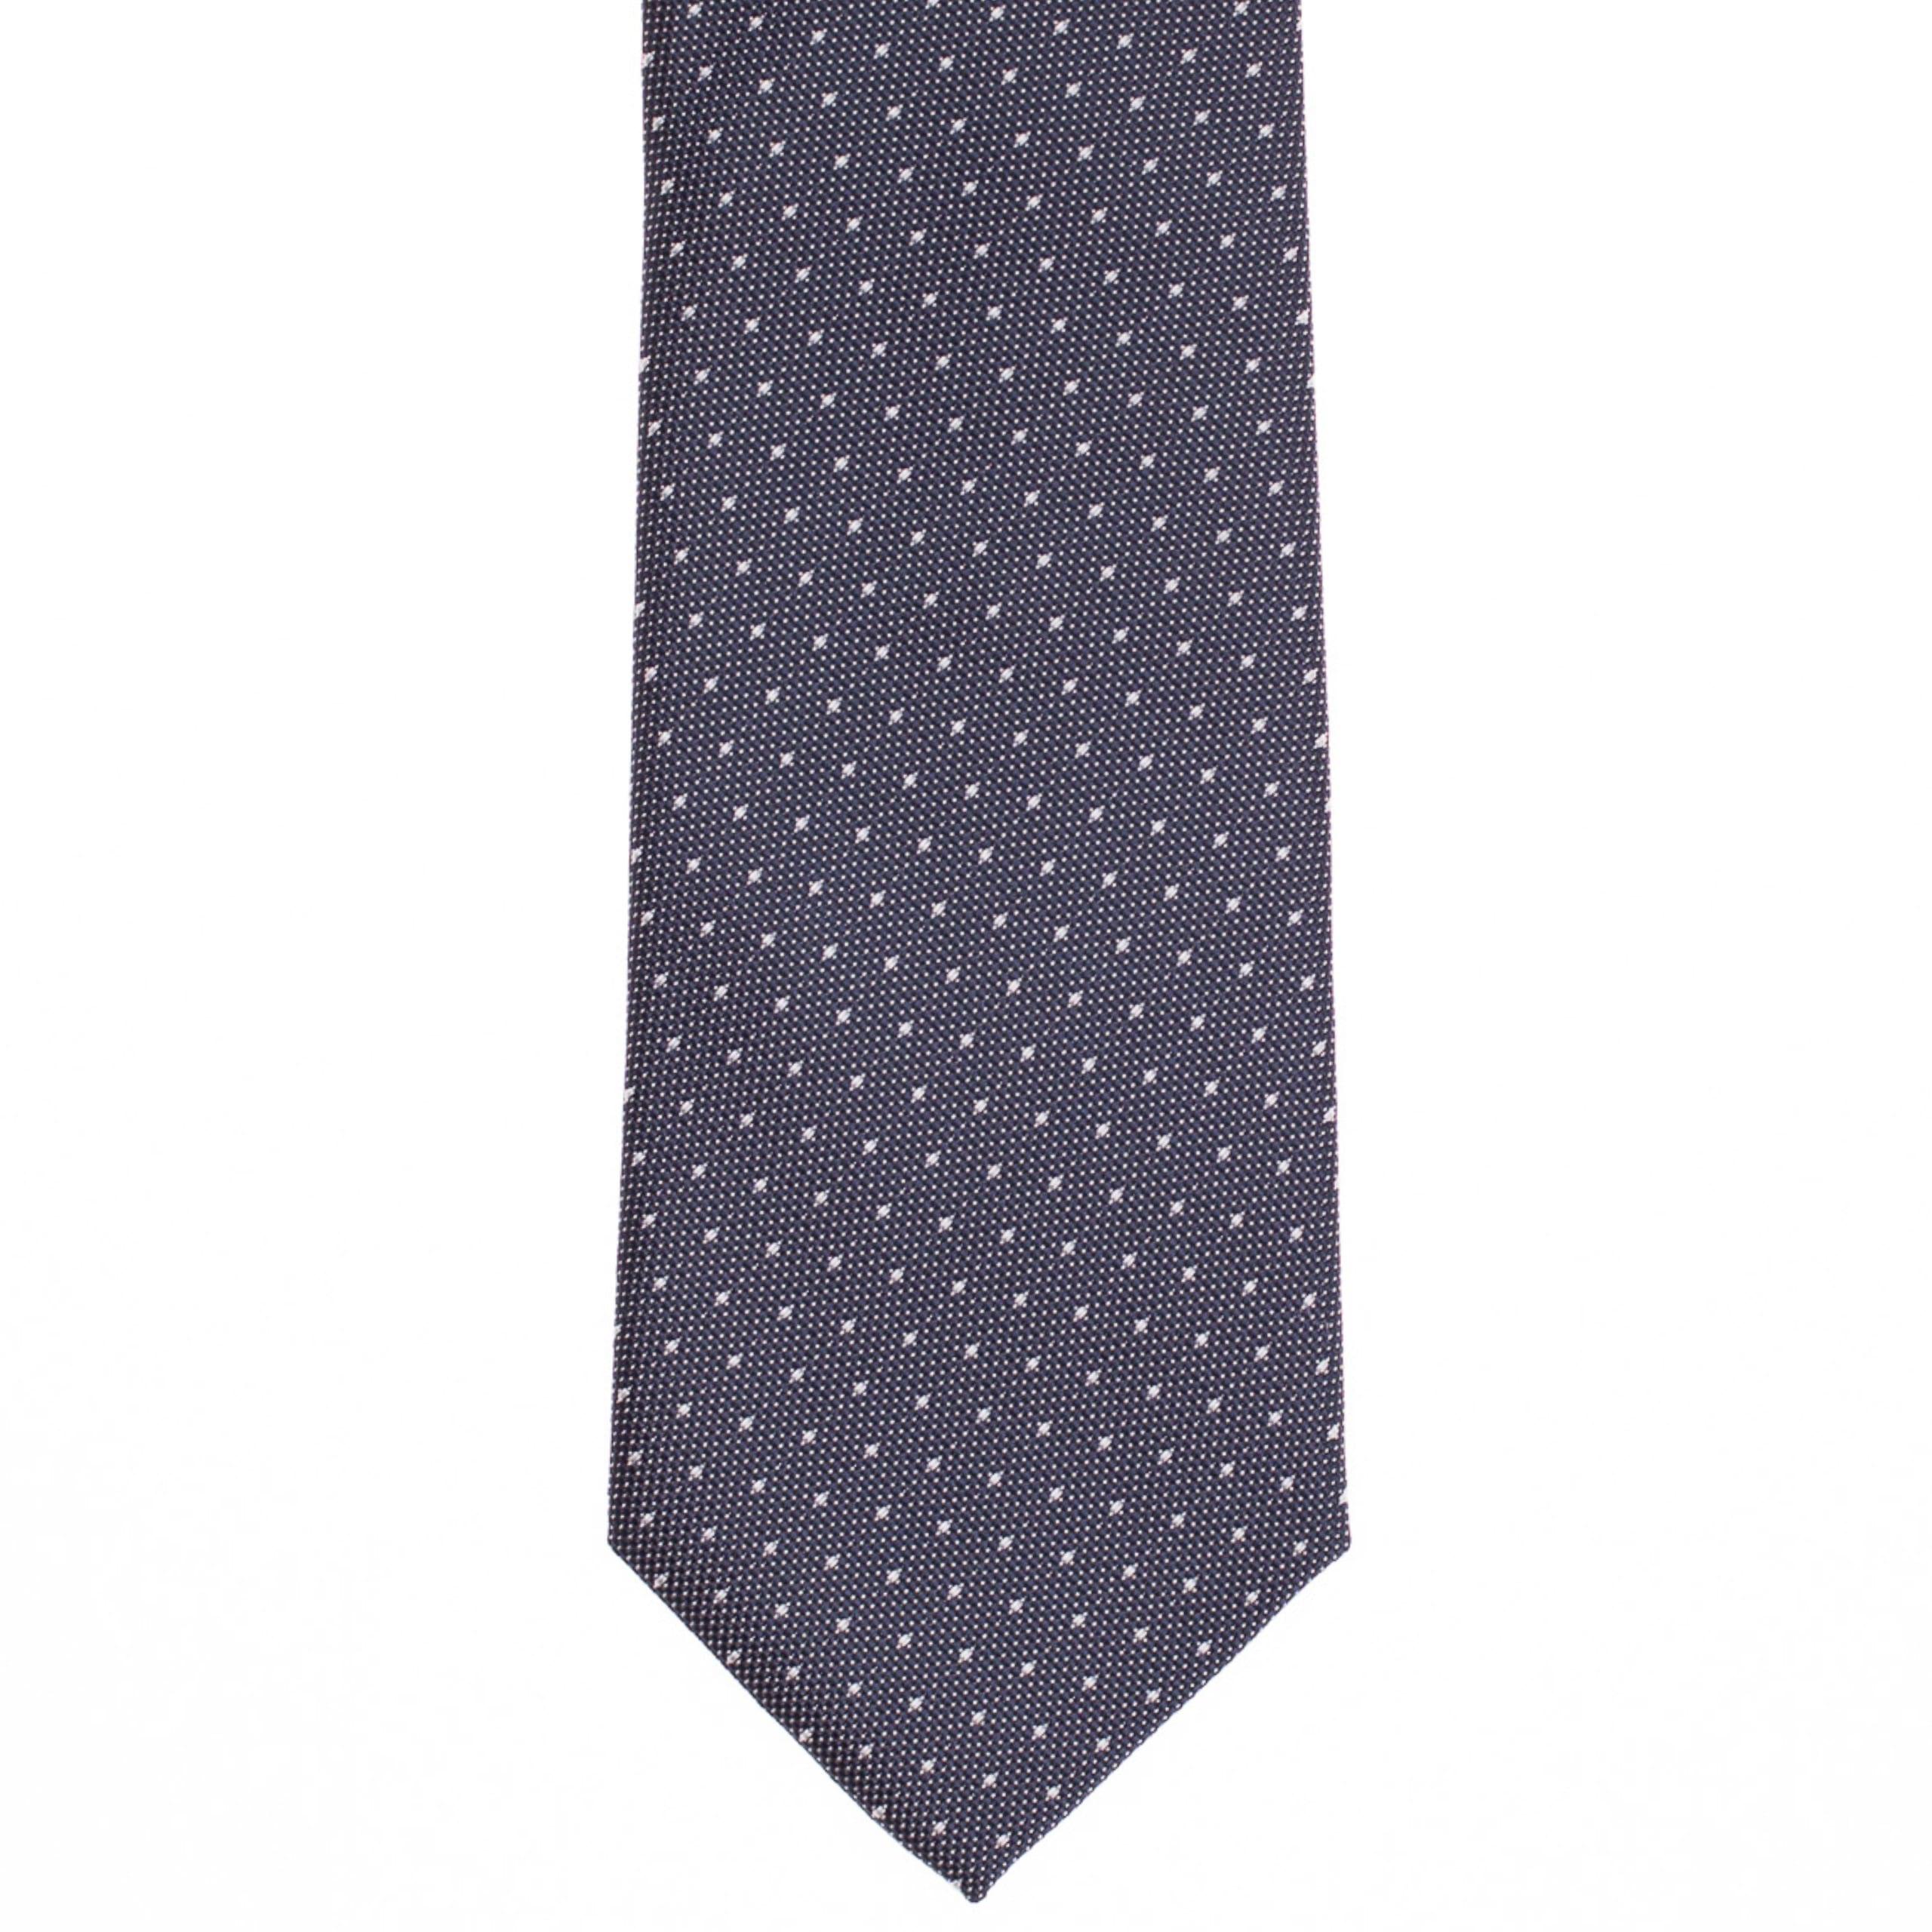 Sötétkszürke fehér pöttyös nyakkendő